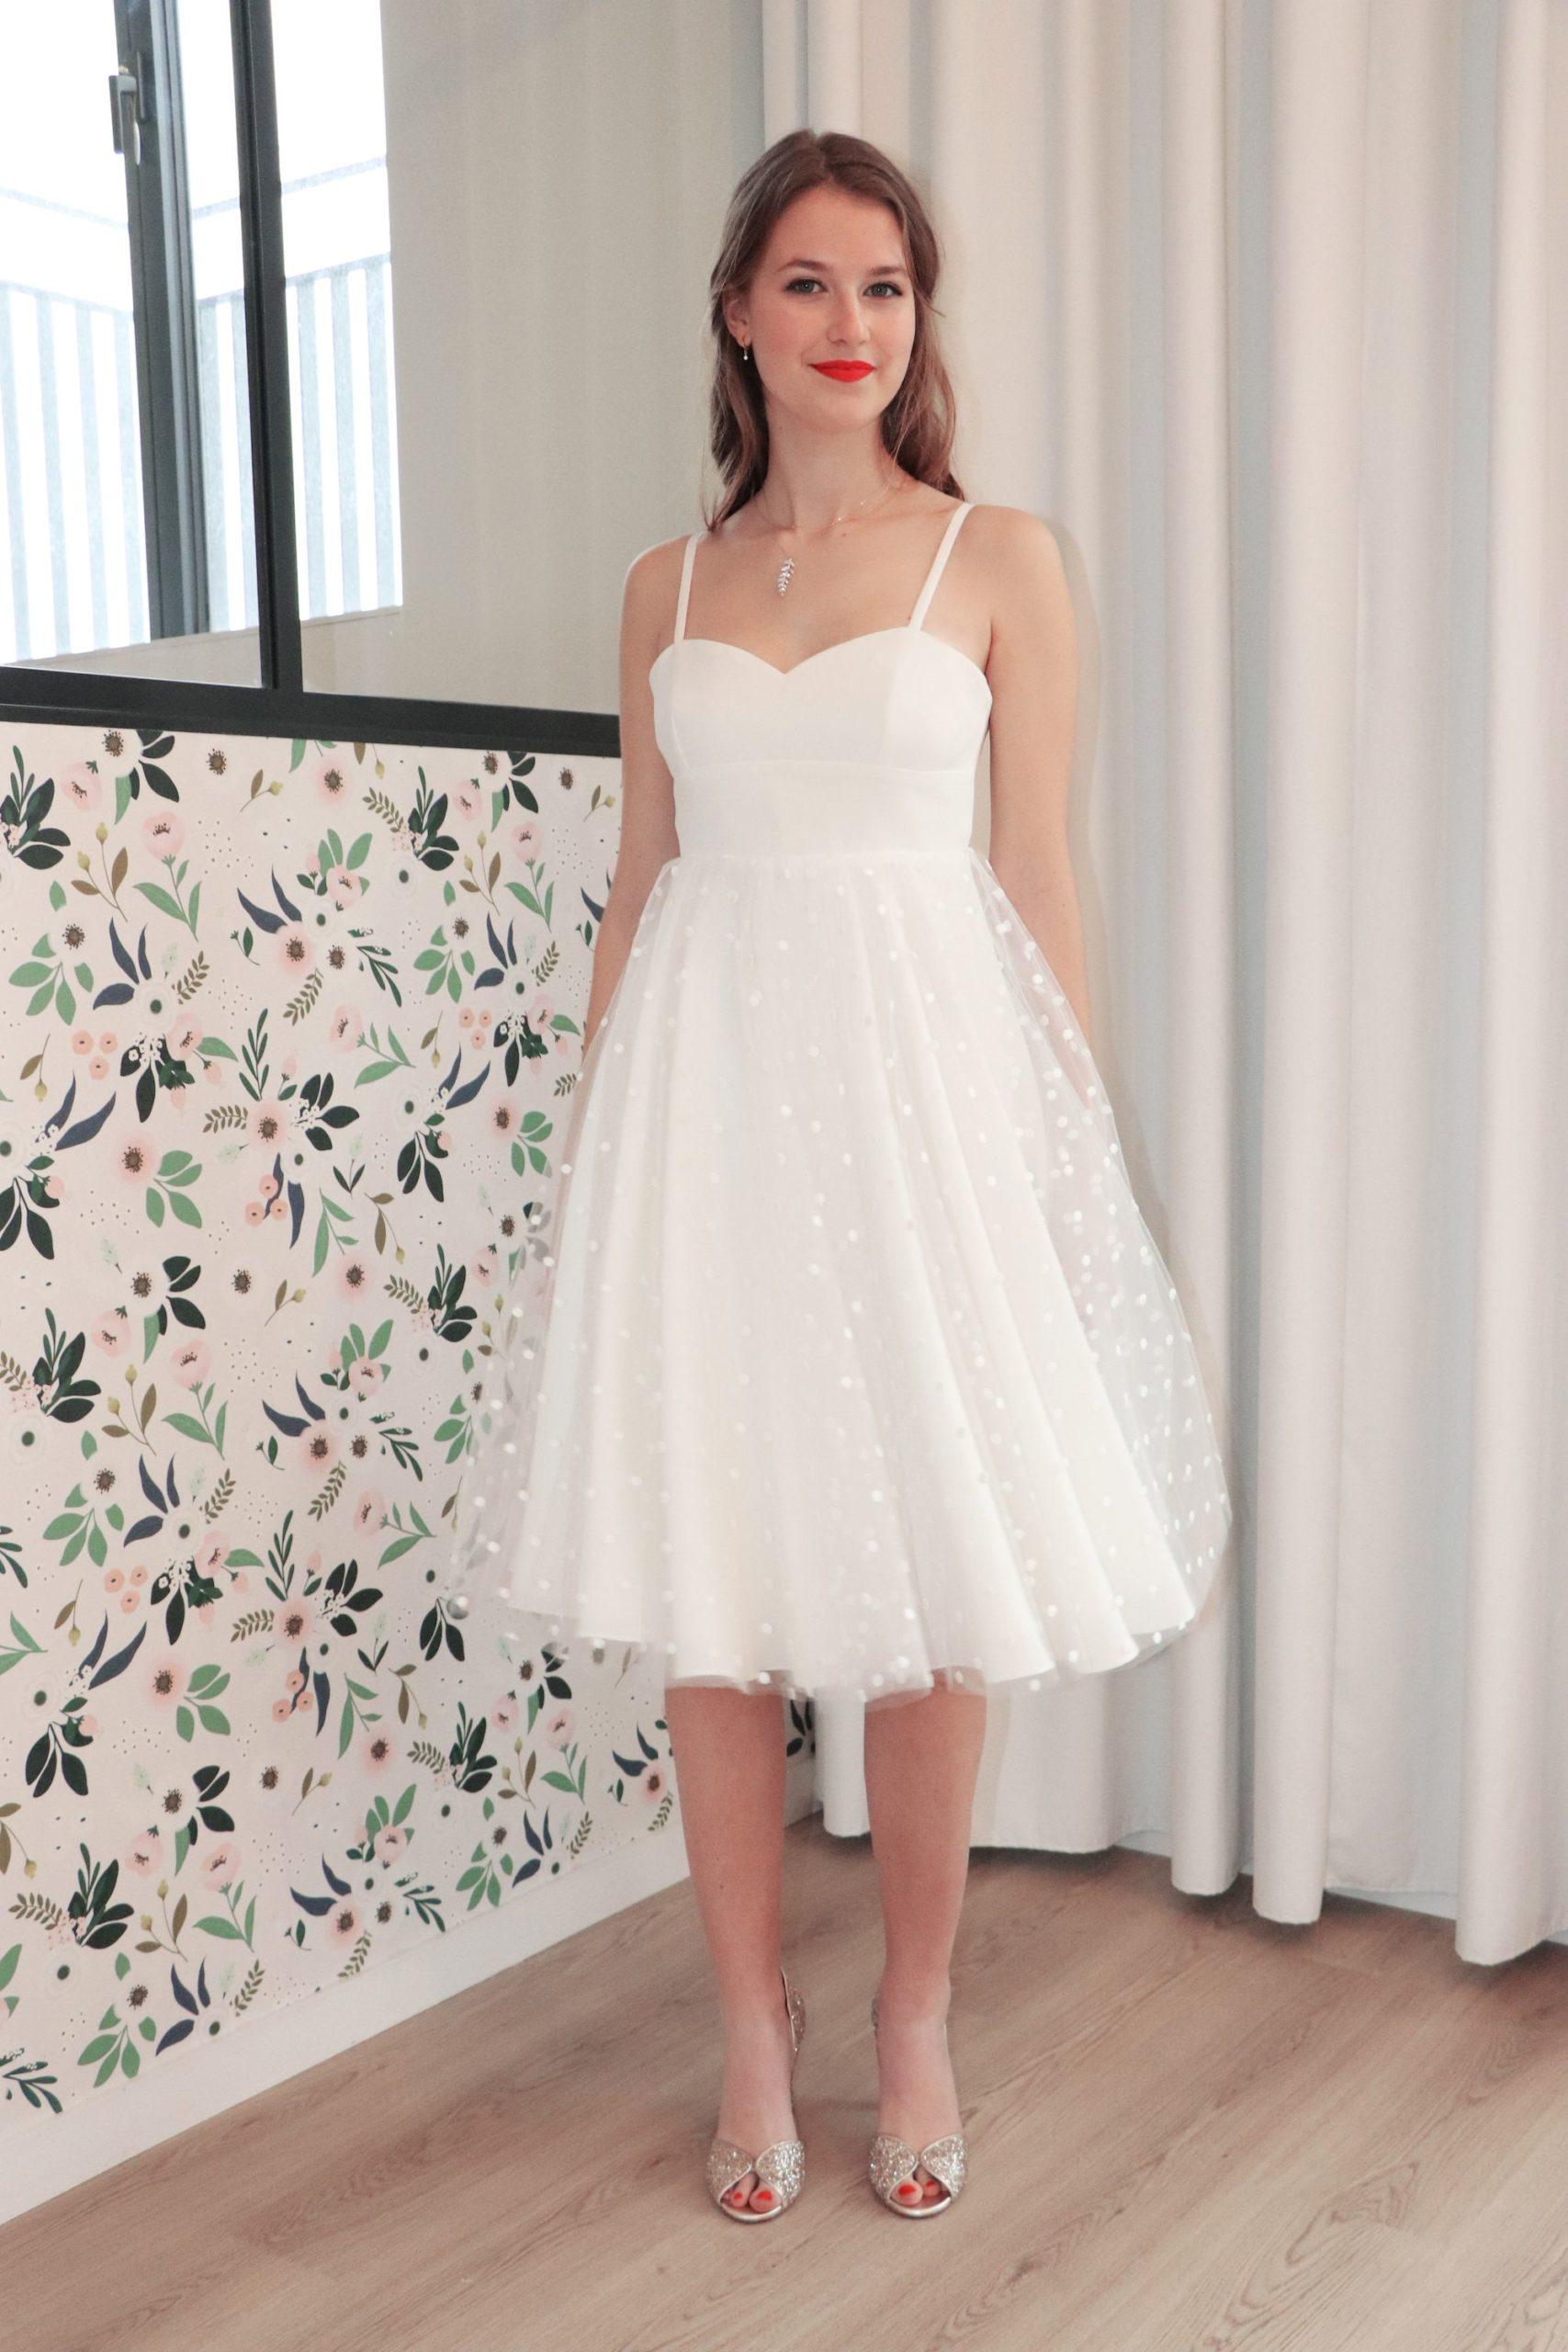 La robe de mariage civil a un haut en bustier coeur et un bas en cercle avec du tulle à pois.